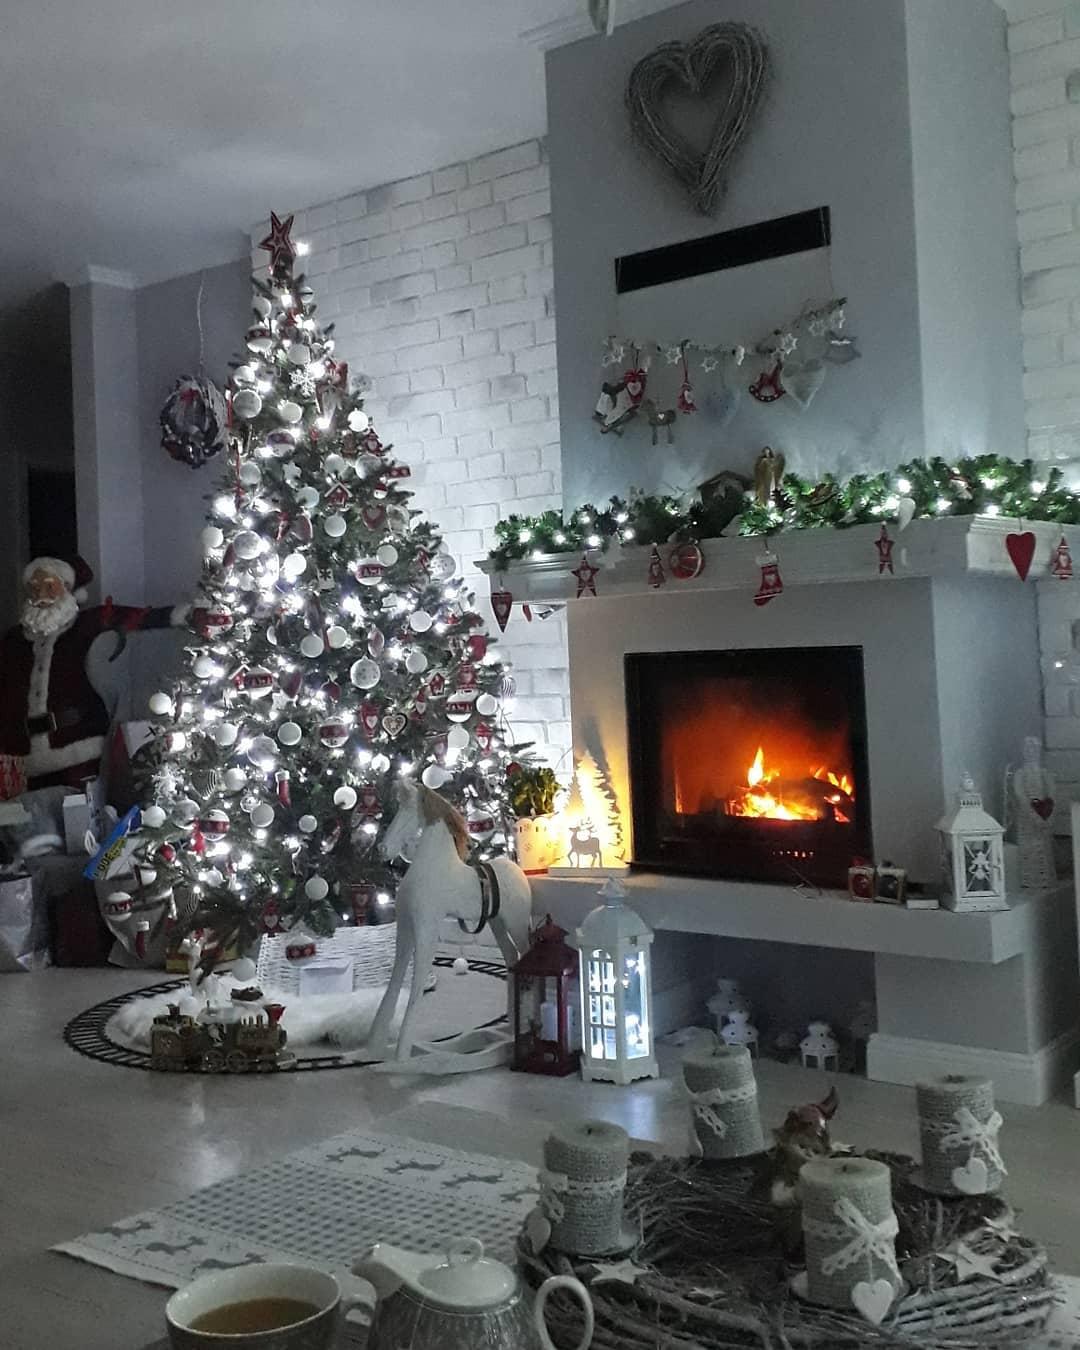 Náš domček bielo-šedý seversko-vidiecky štýl - oheň v krbe teplo🔥 domova🏡